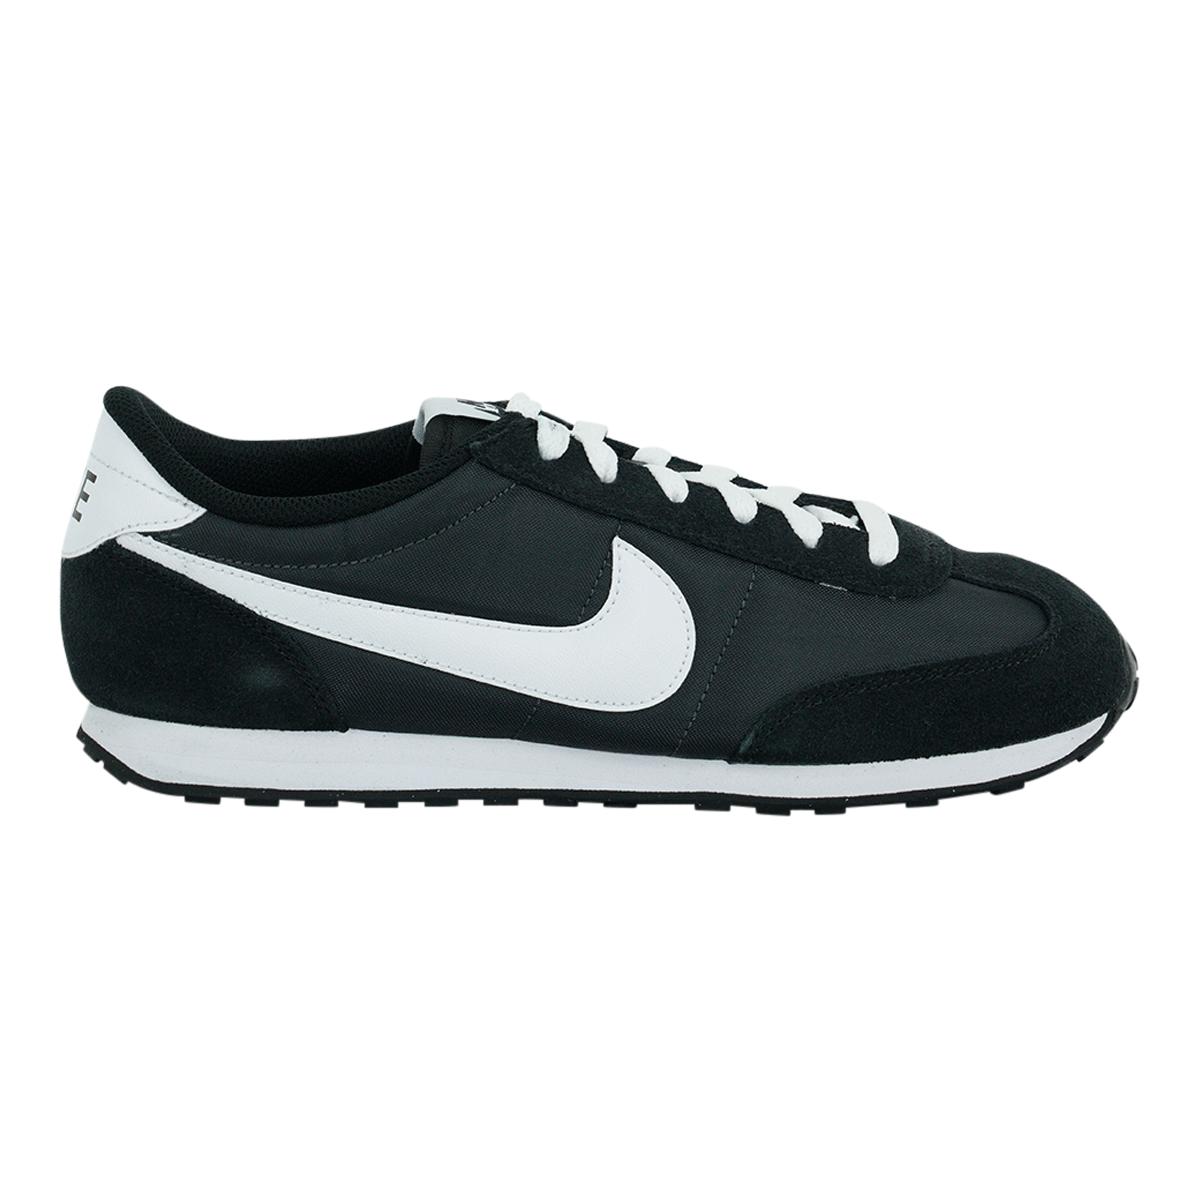 Nike Men's Mach Runner Shoes | eBay